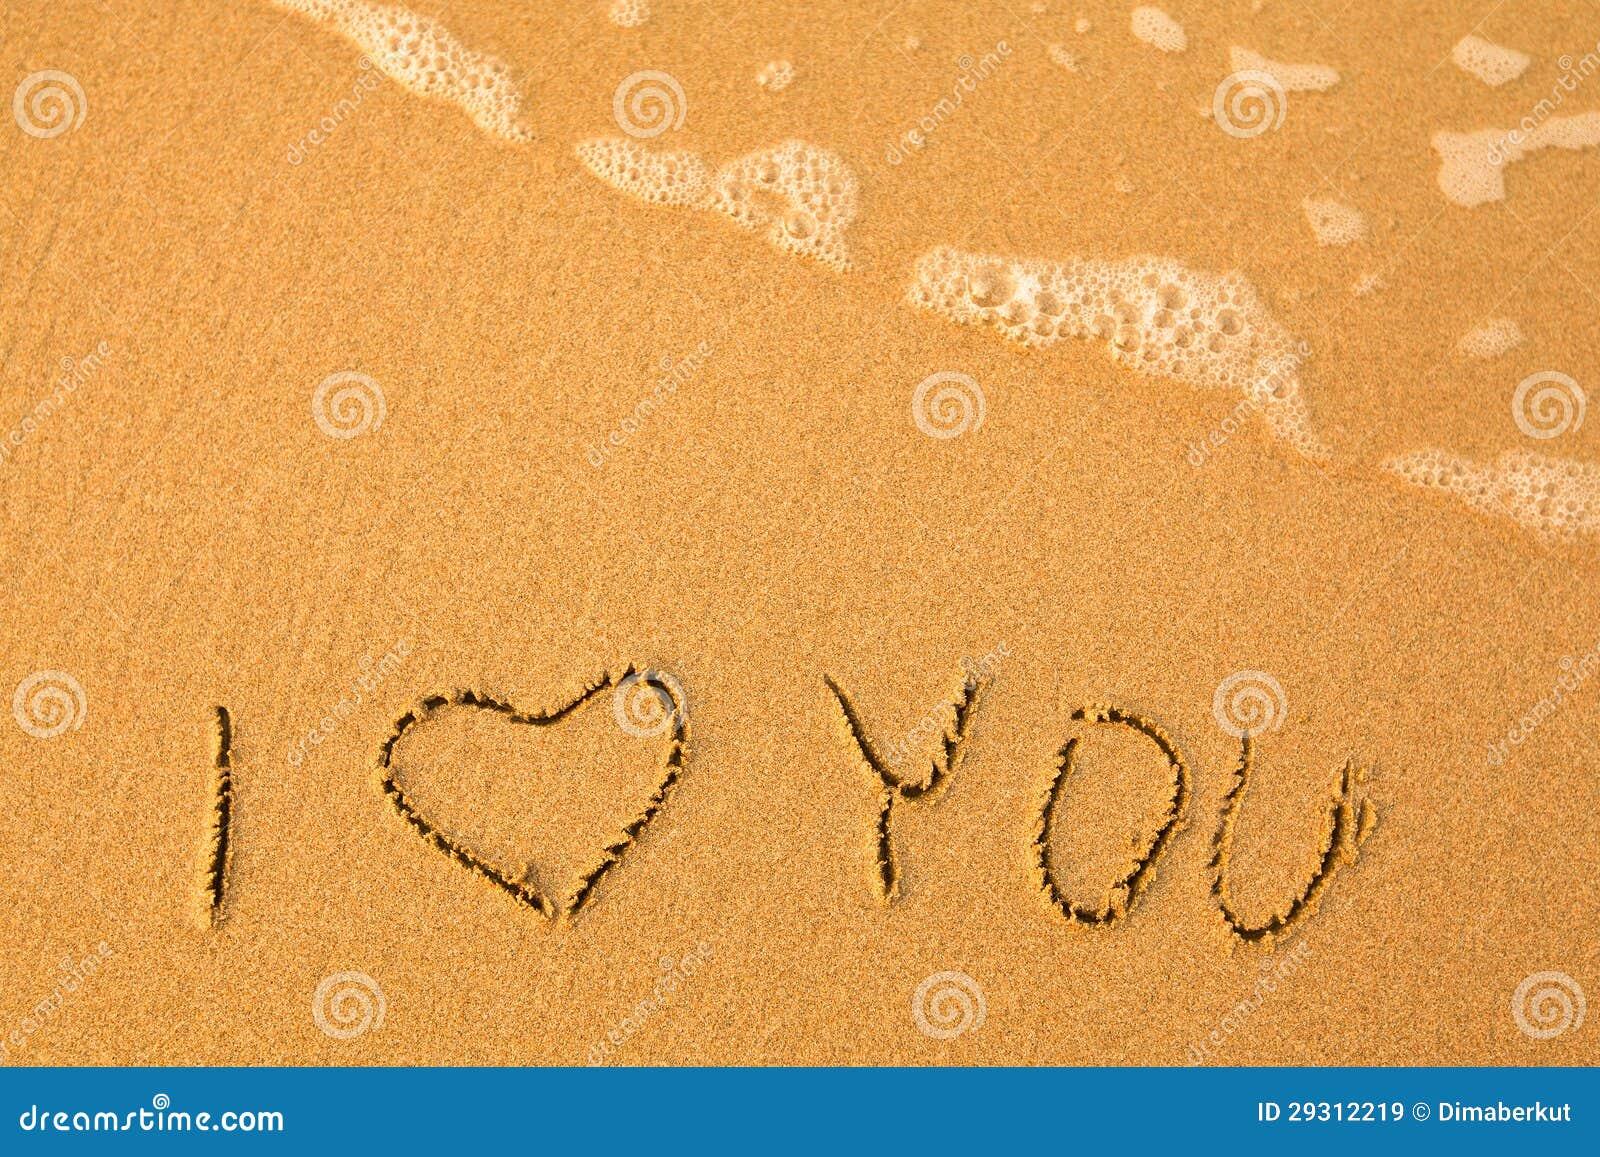 Eu Te Amo Escrito Na Areia Imagens De Stock Royalty Free: Escrito à Mão Na Areia Em Uma Praia Do Mar